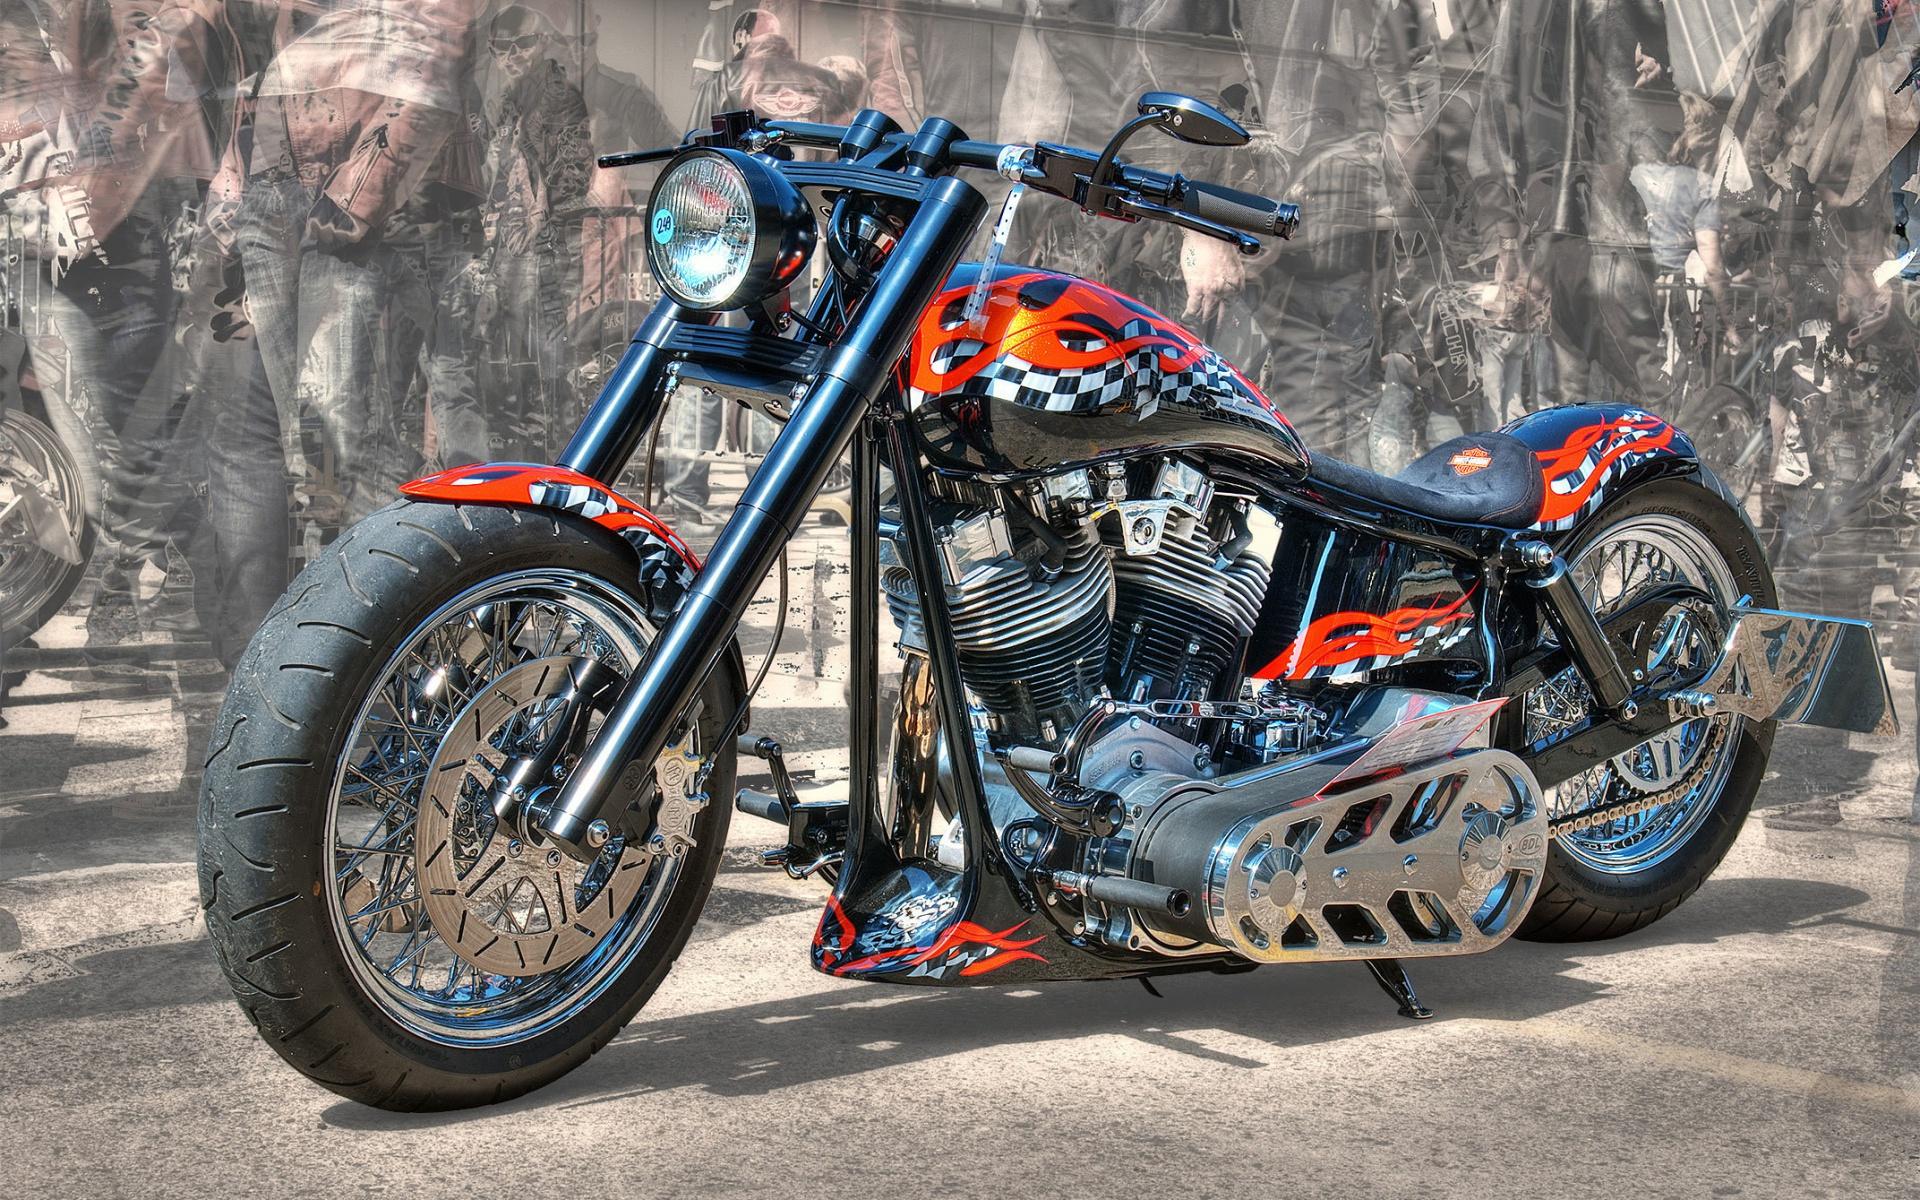 обои Harley-Davidson, мотоцикл, тюнинг, аэрография картинки фото